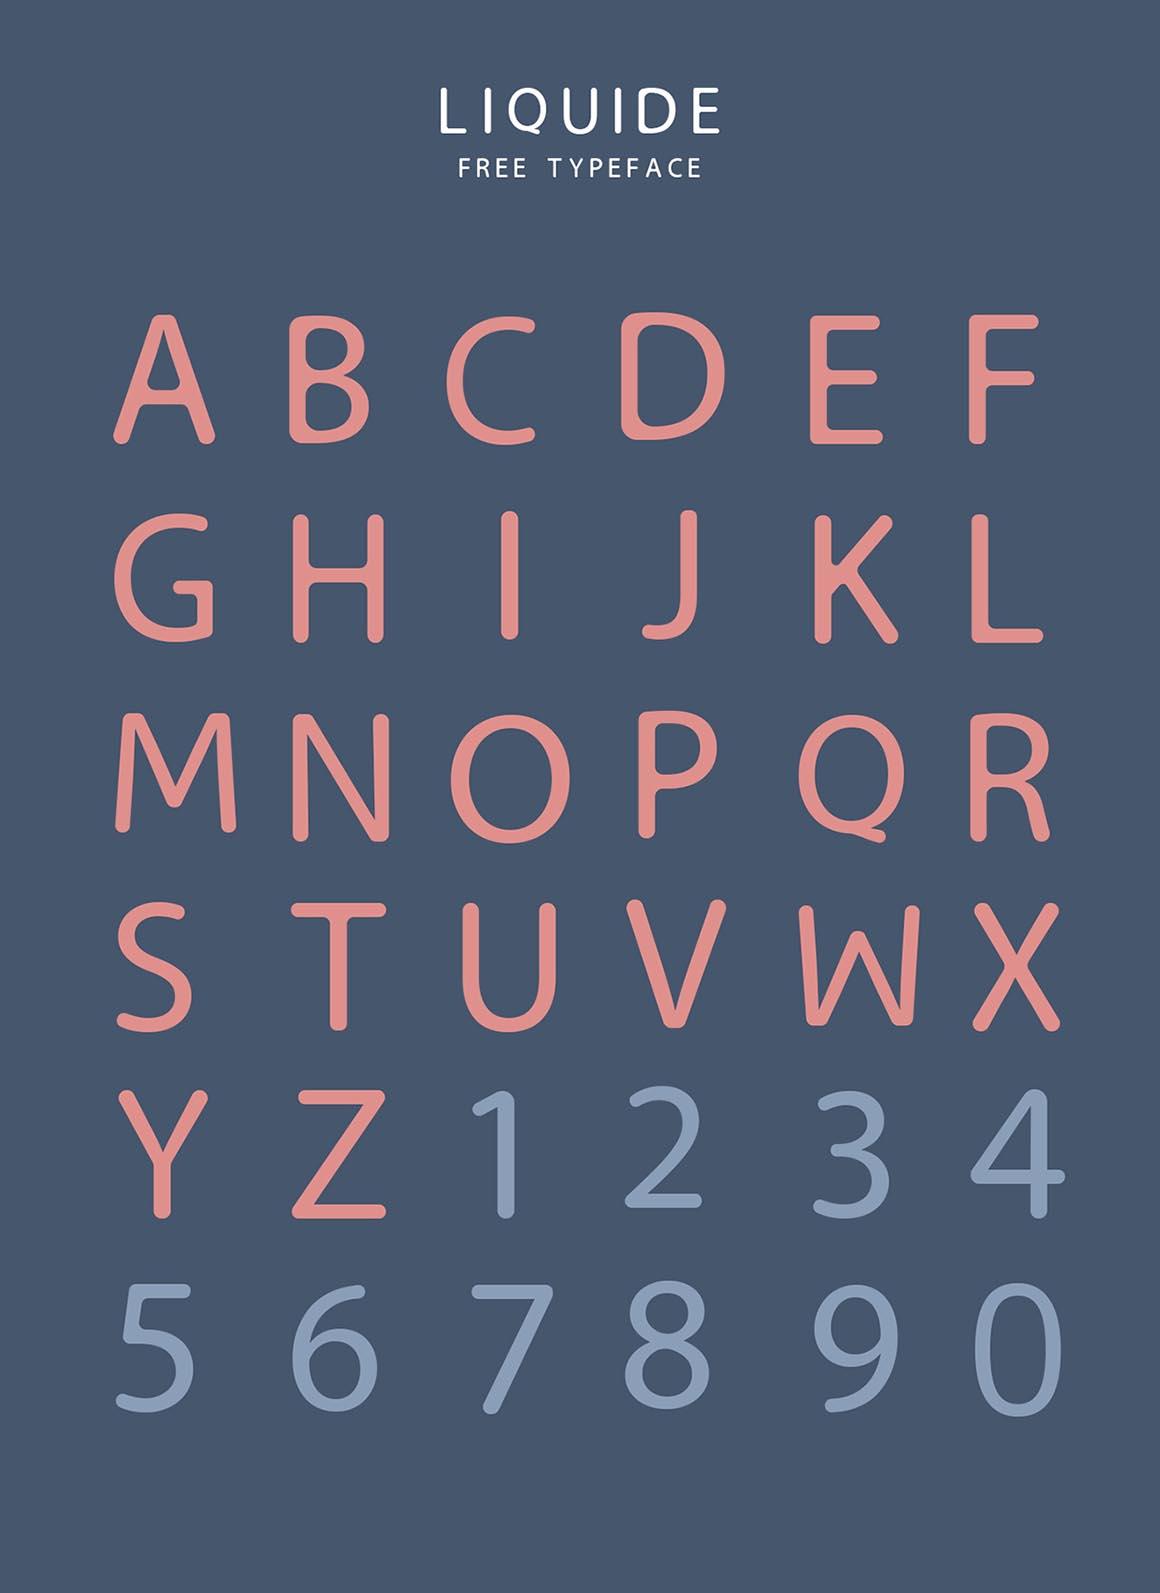 Download Liquide Typeface - Befonts.com